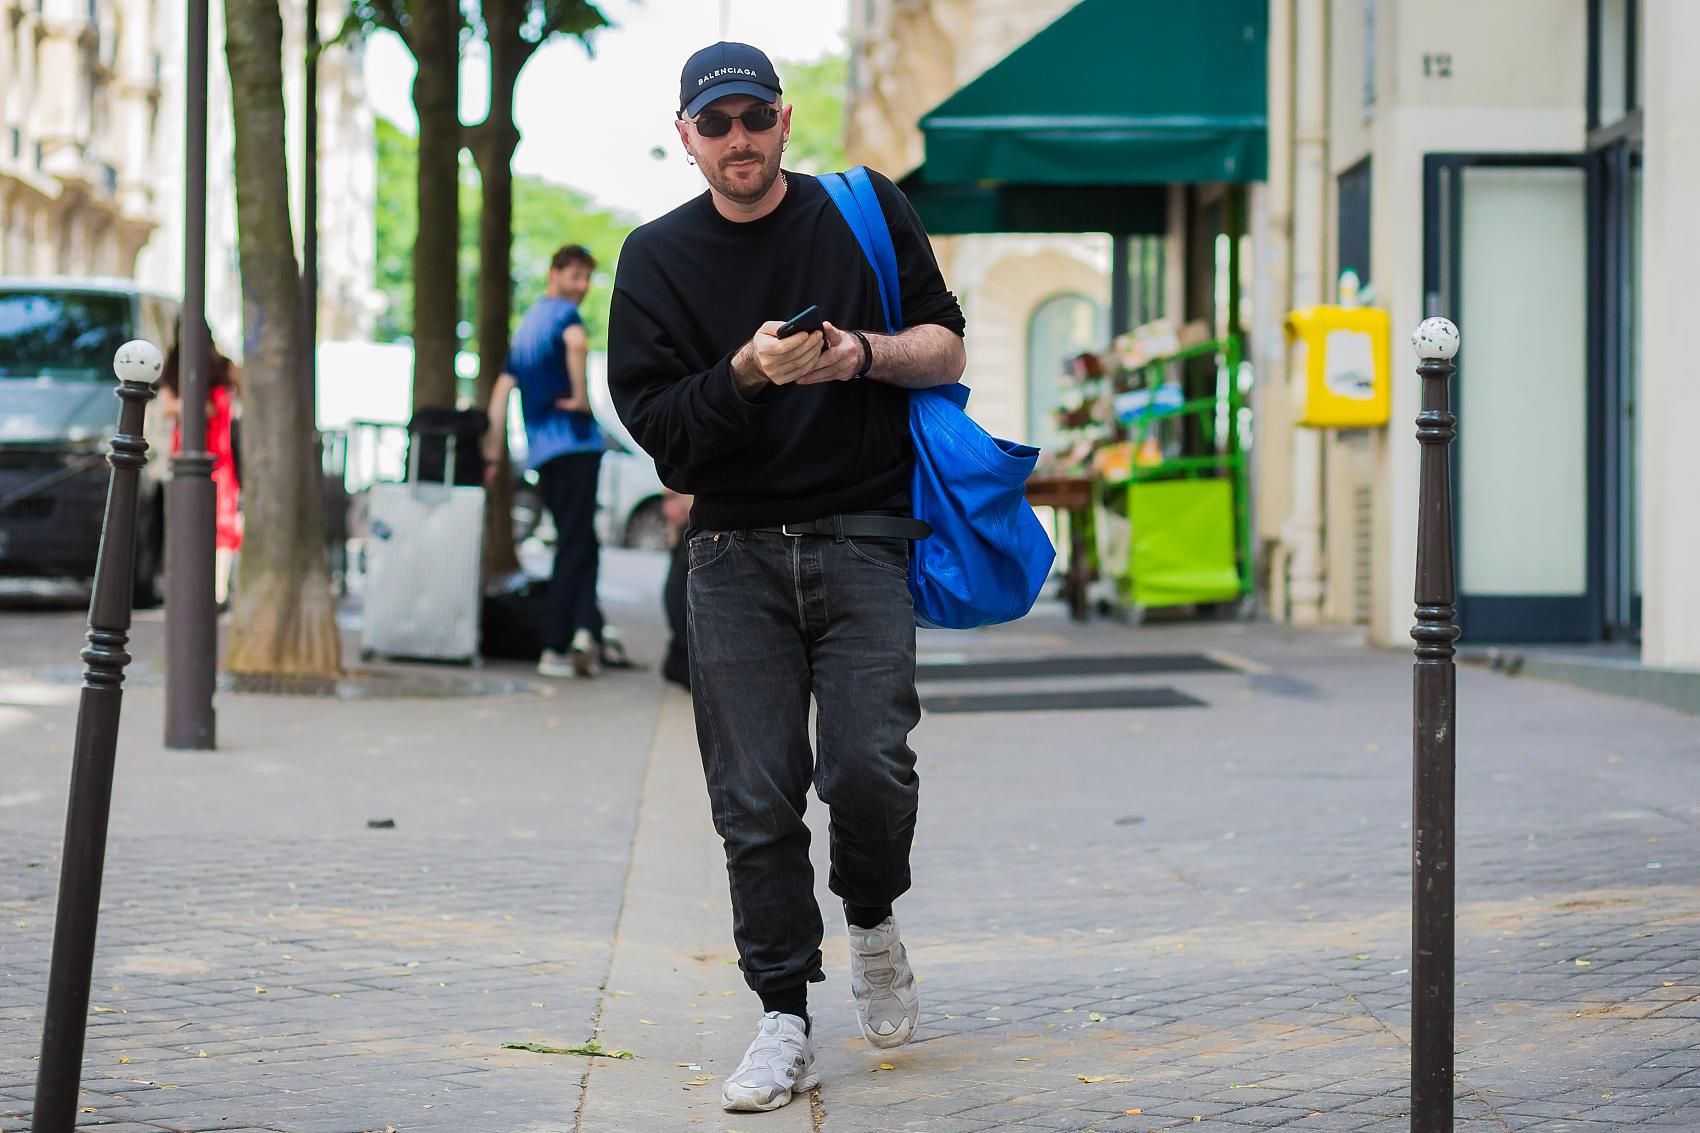 人事动向丨设计师潮牌 Vetements联合创始人离职;高端男装电商 Mr Porter负责人离职;奢侈鞋履品牌 Giuseppe Zanotti 新 CEO上任